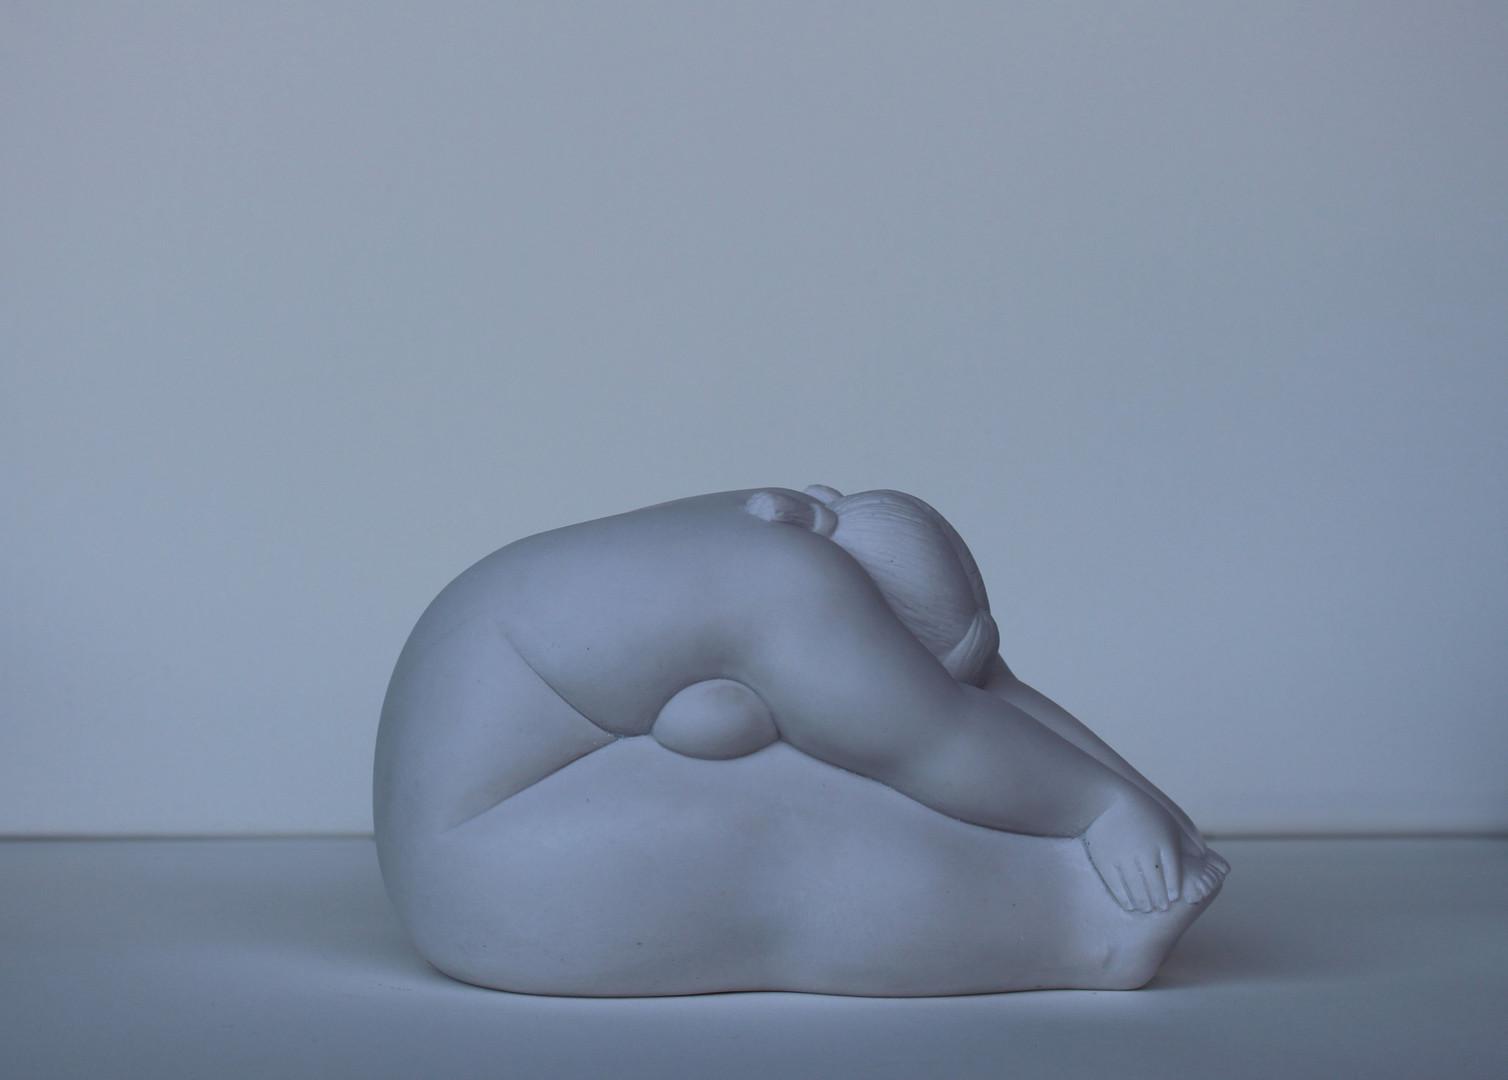 Galka | Pollystone | 17x15x17 cm | 1/10 | Euro 1400,-